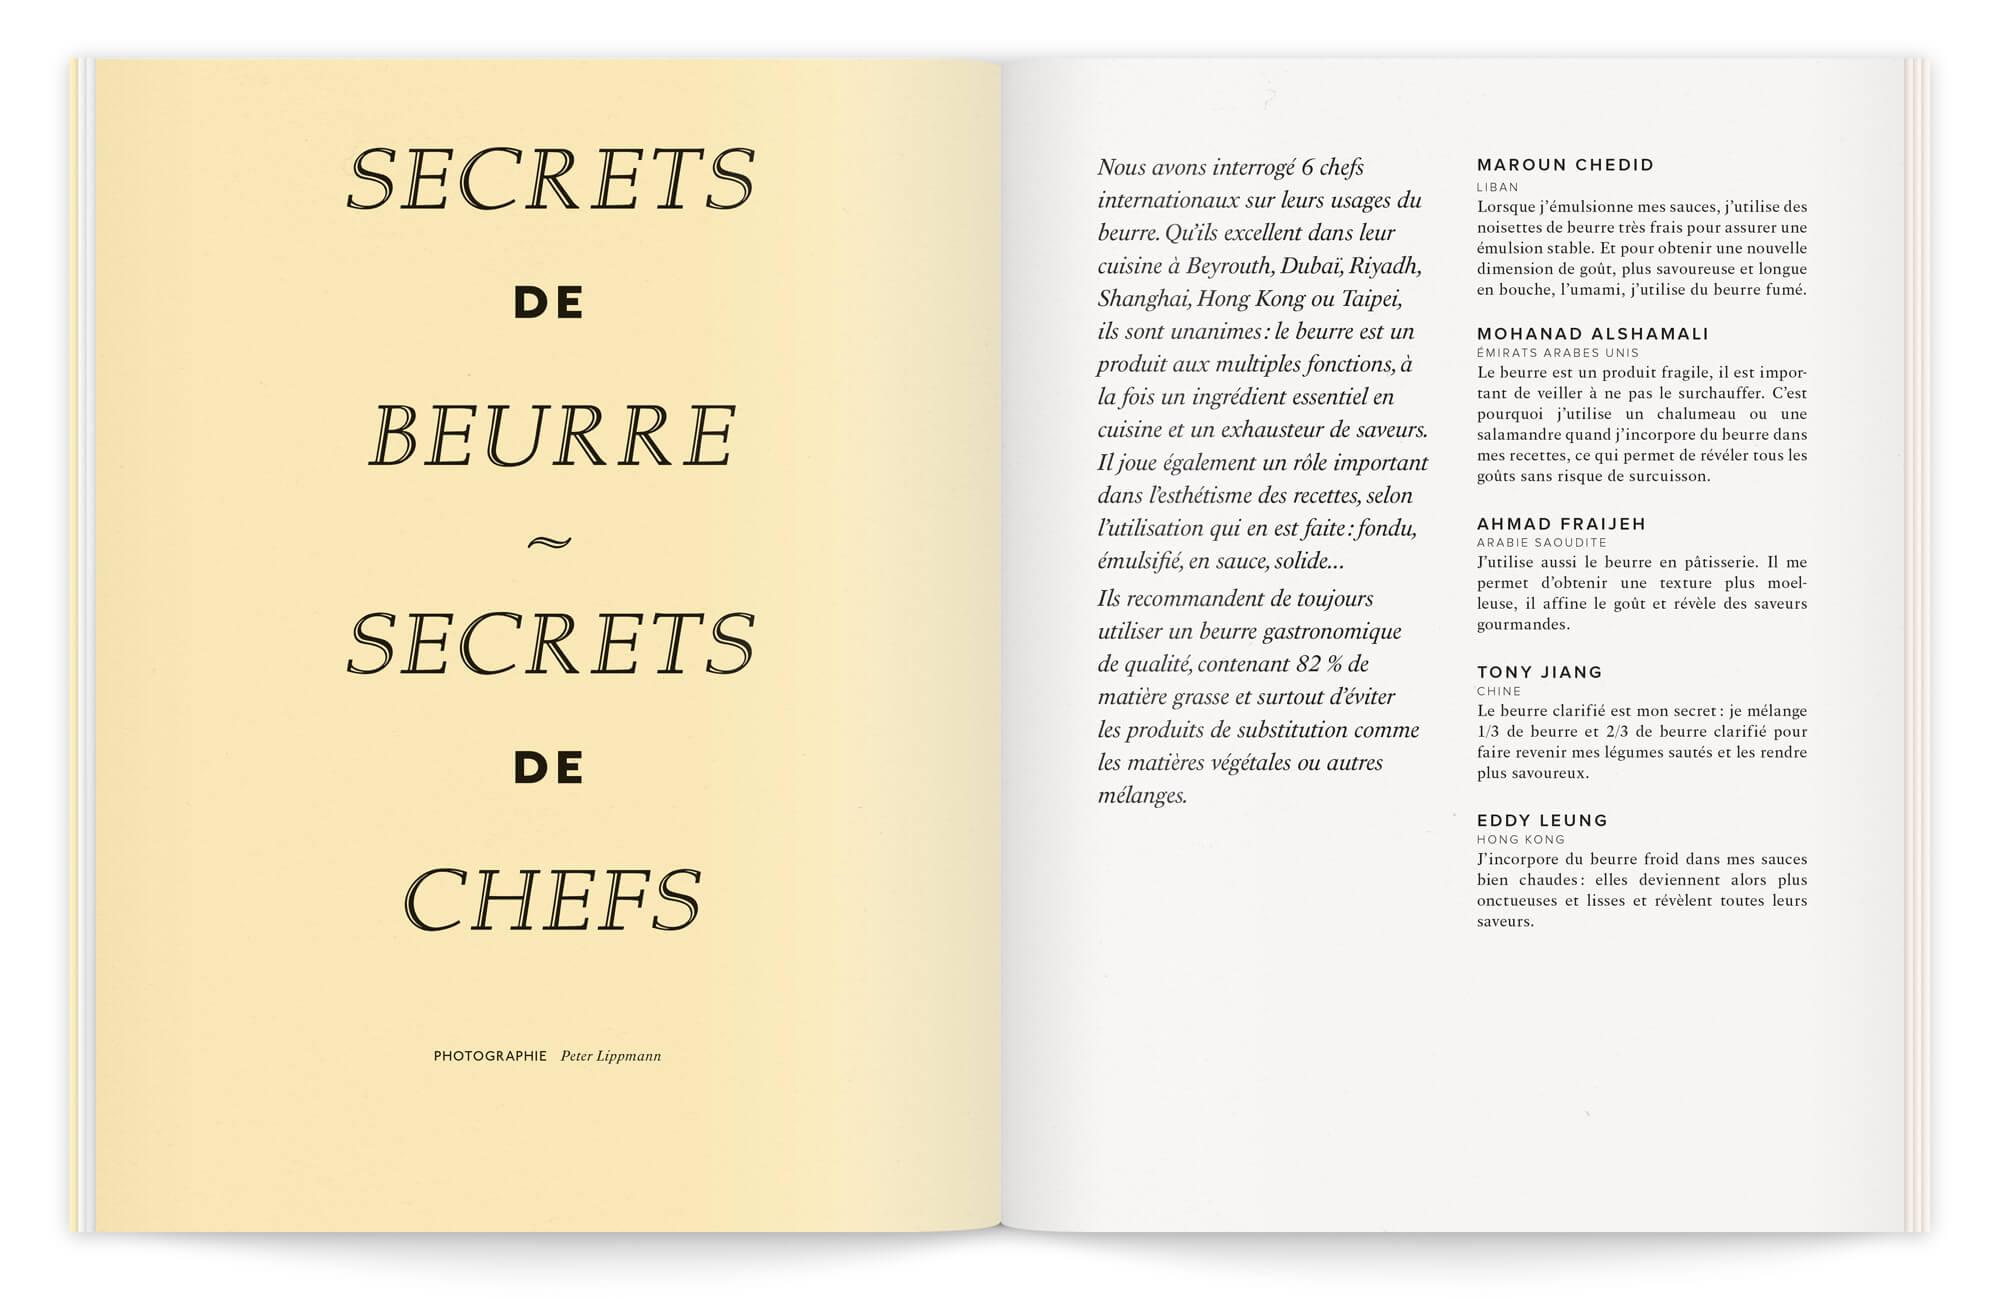 brochure élégante et mise en page maîtrisée, sur la page de gauche, un aplat jaune accueille une composition typo classique tandit que la page de droite en deux colonne présente les chefs invités dans le projet.